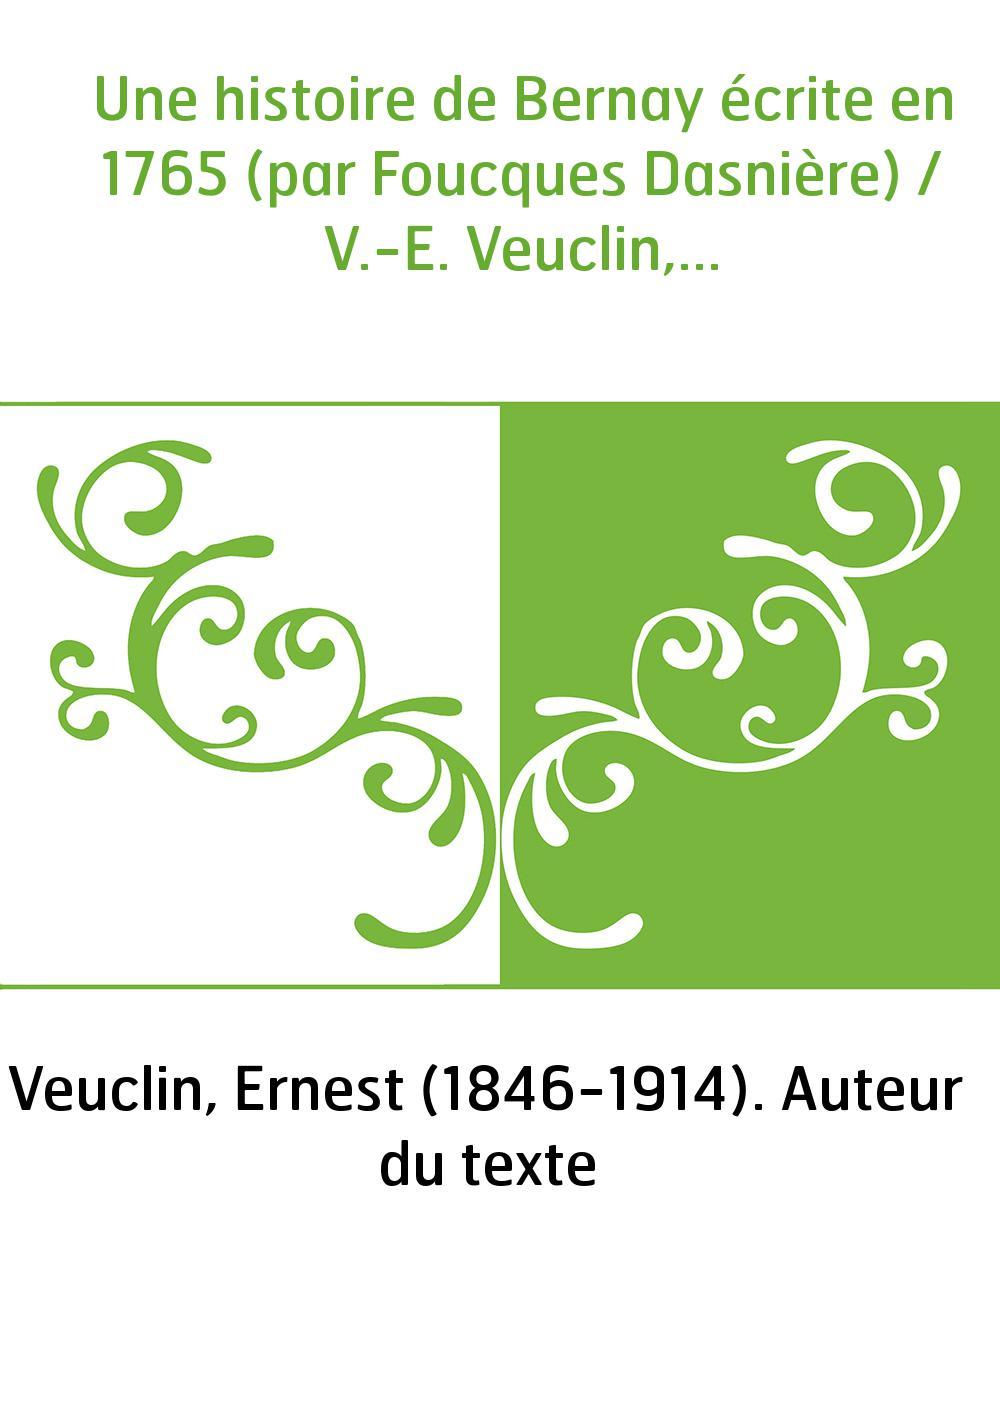 Une histoire de Bernay écrite en 1765 (par Foucques Dasnière) / V.-E. Veuclin,...